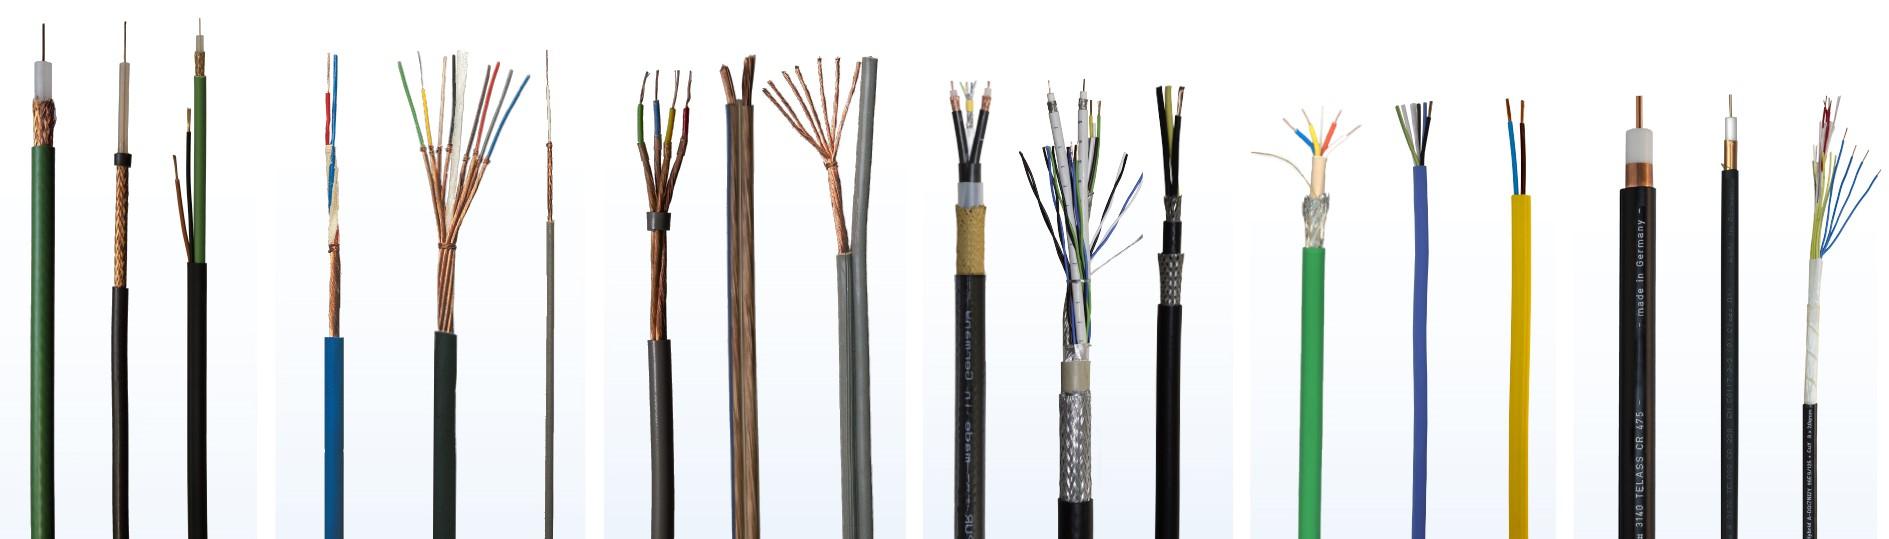 bda cables